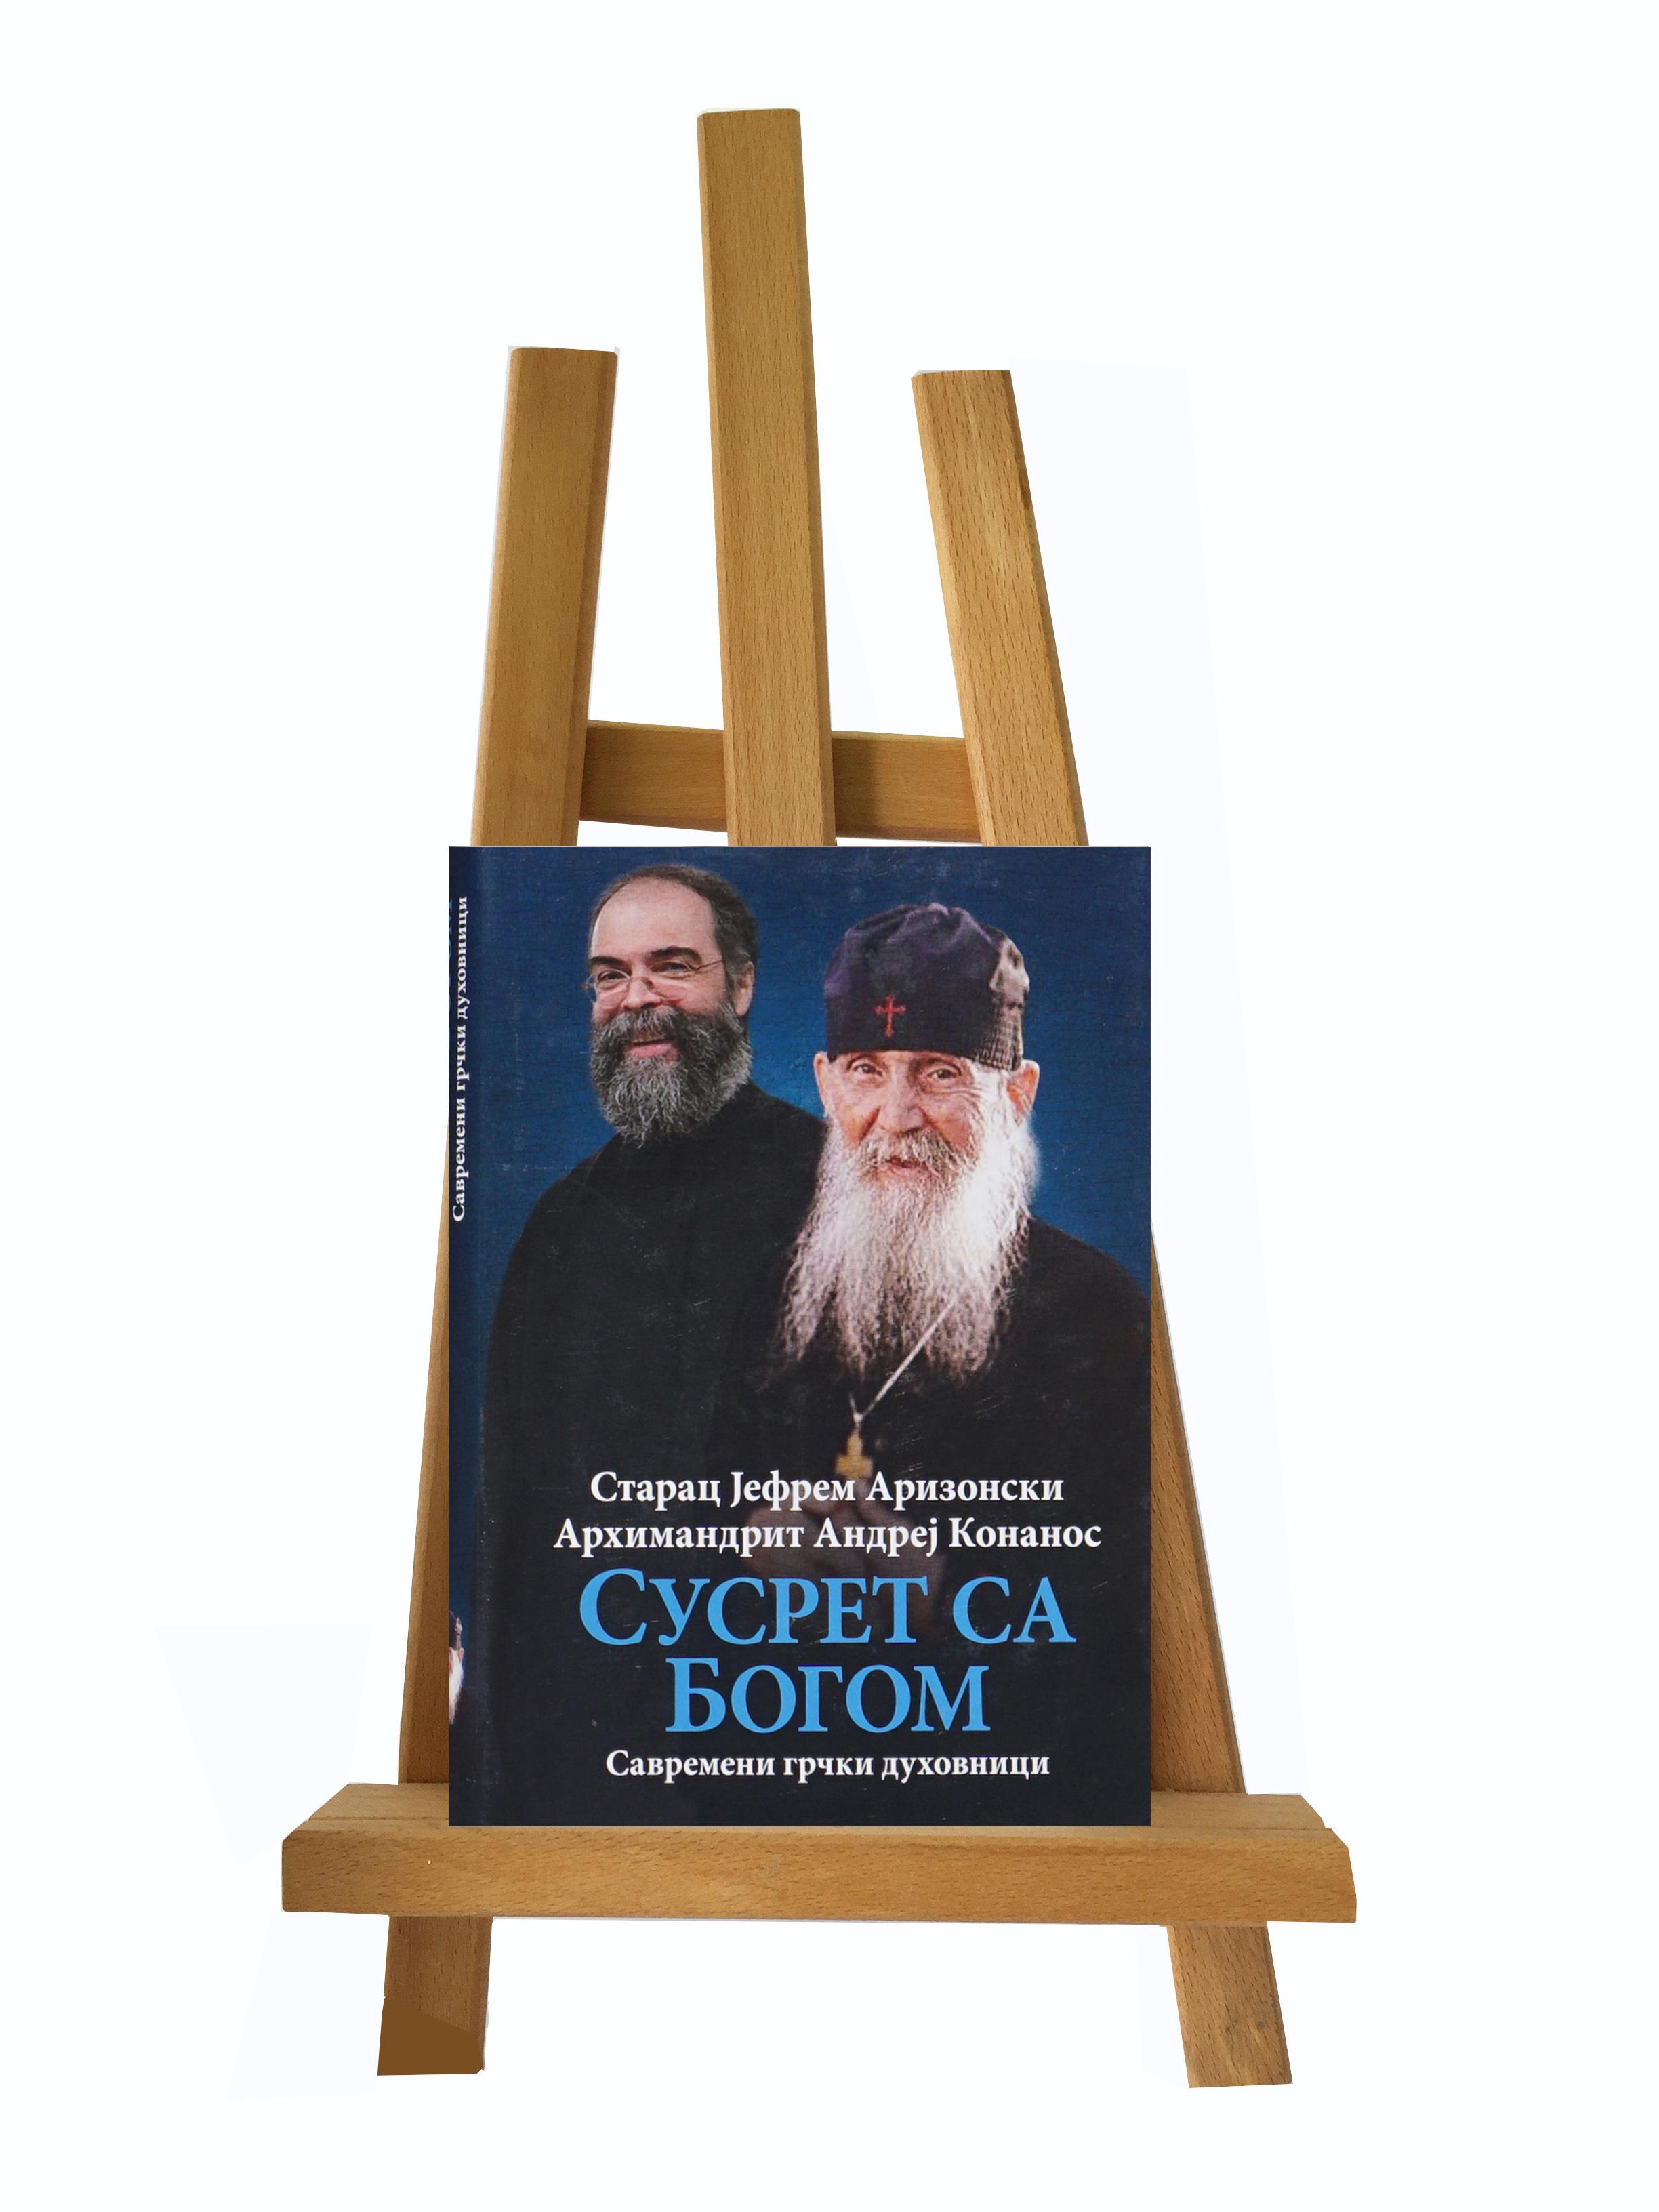 Susret sa Bogom, Savremeni grčki duhovnici: starac Jefrem Arizonski, arhim. Andrej Konanos